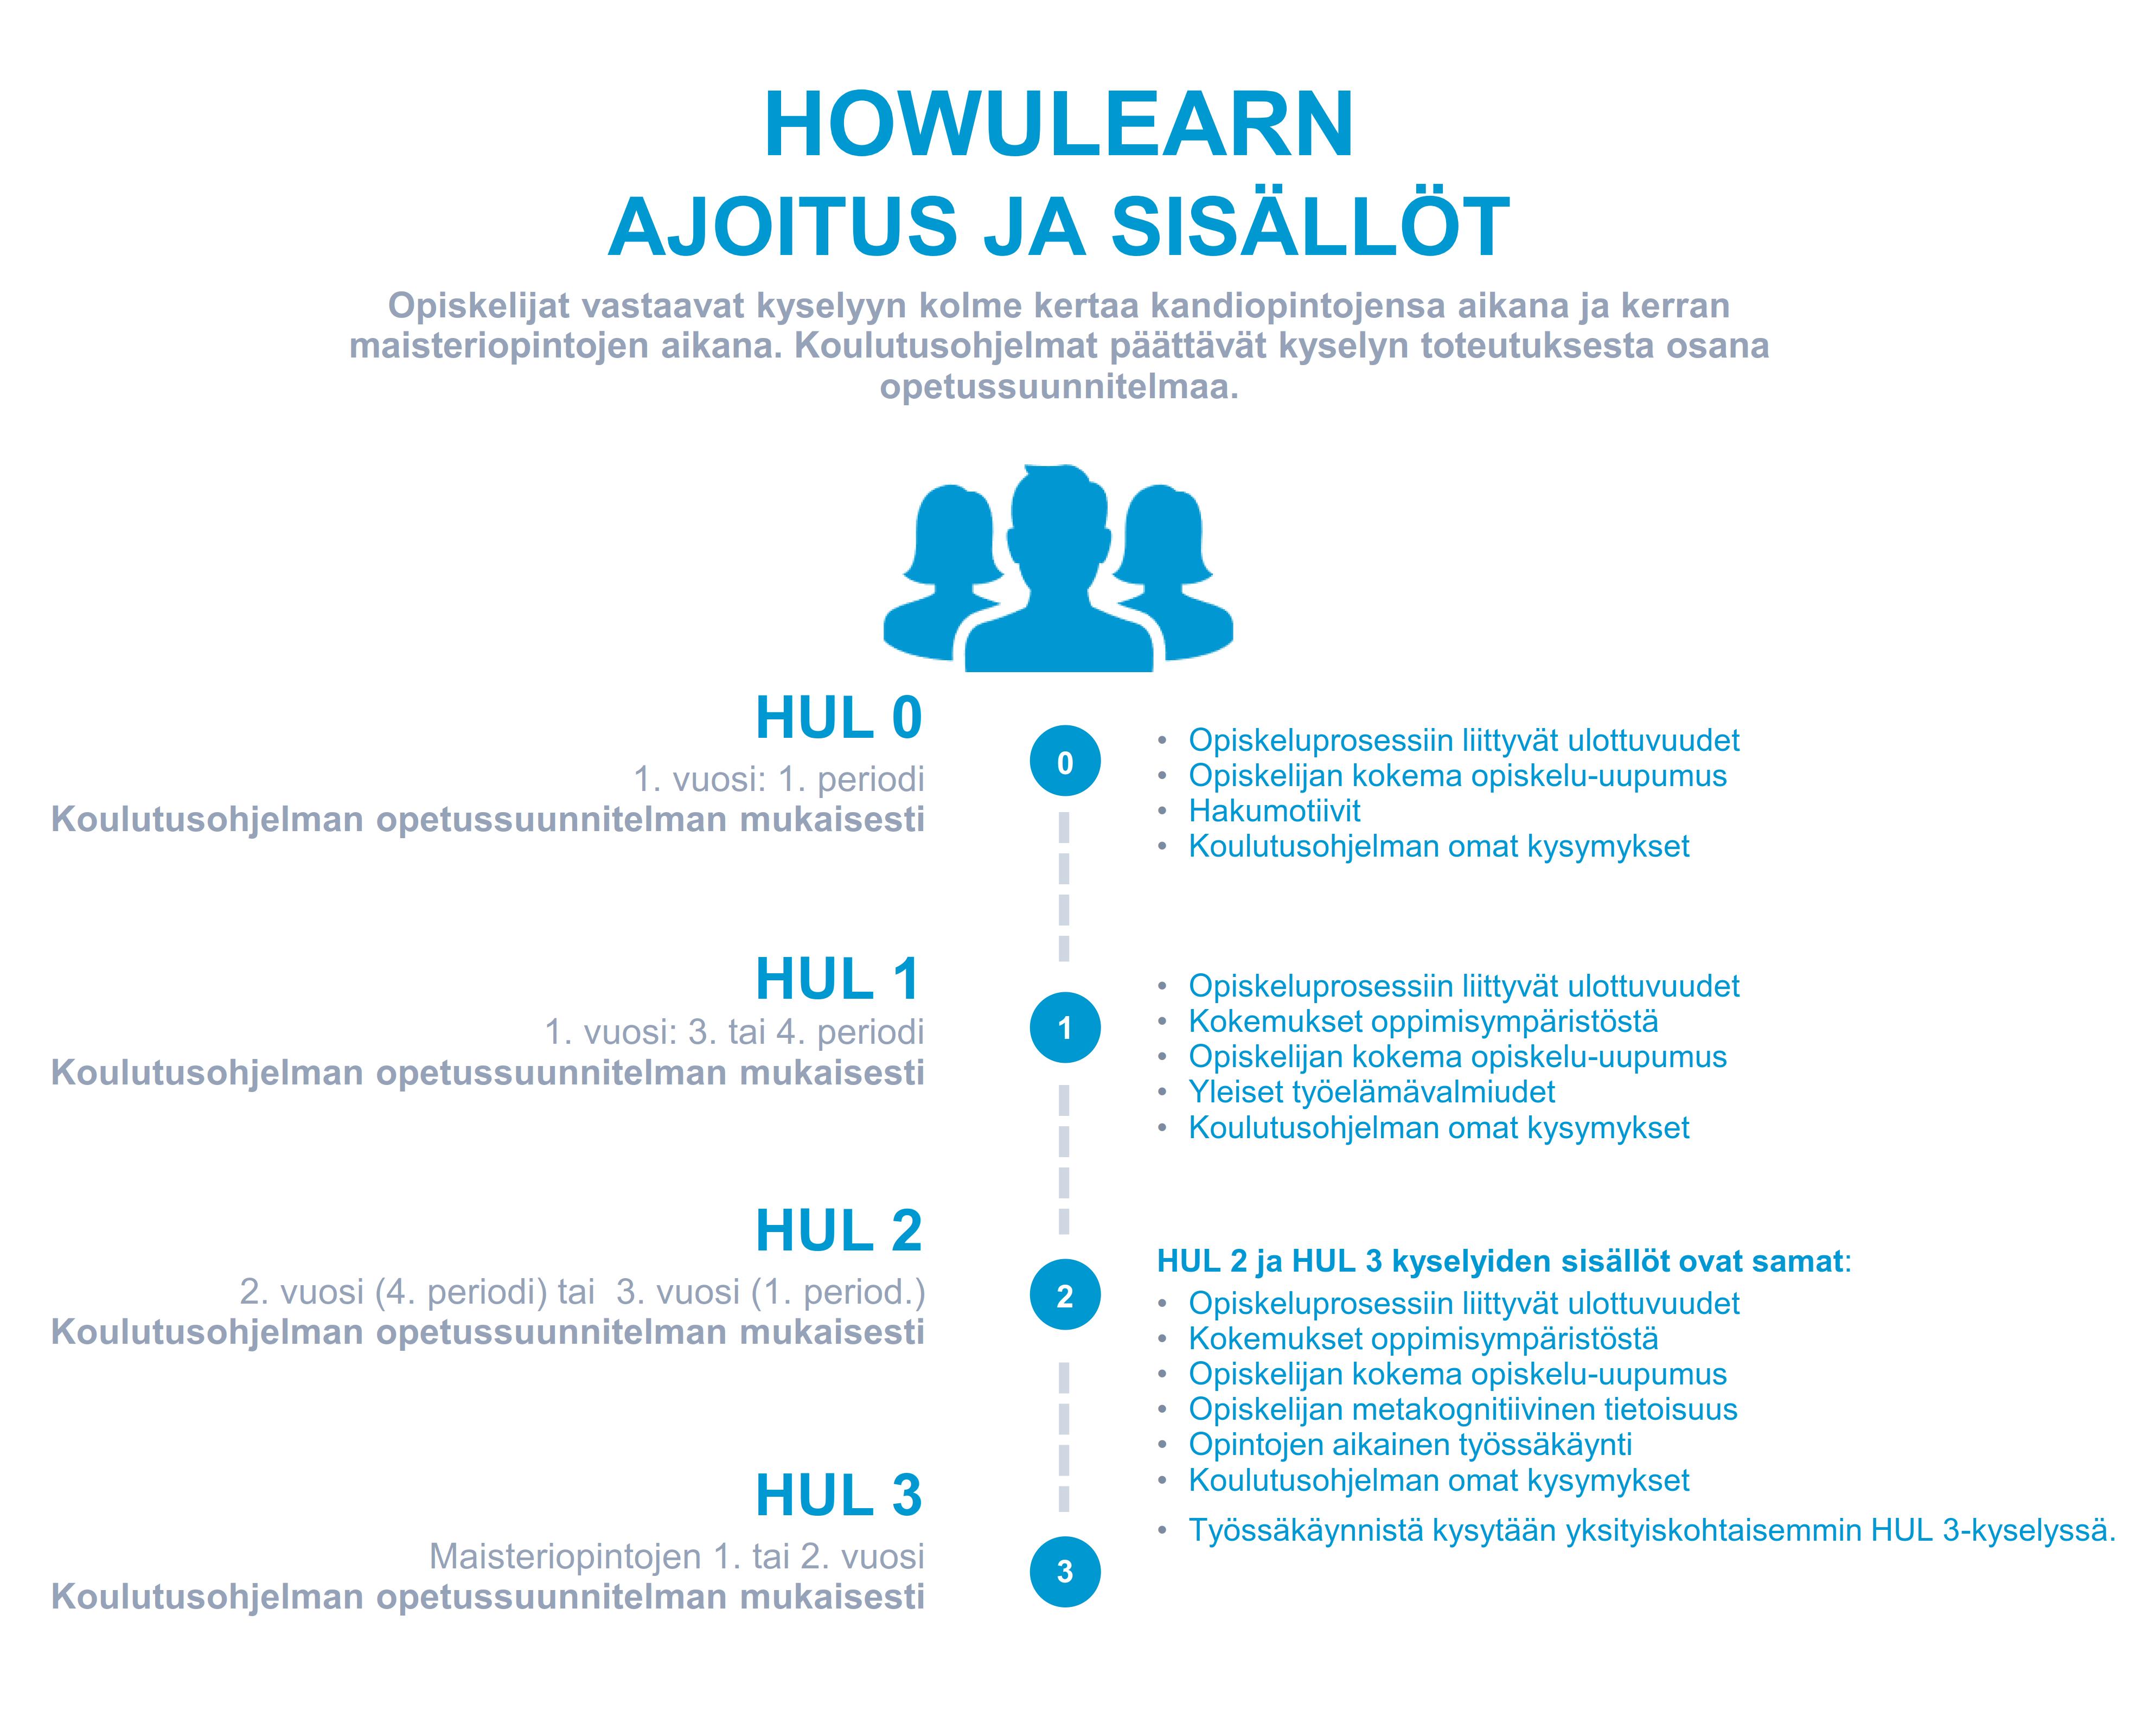 HowULearn-kyselyiden aikataulut ja sisällöt. Klikkaamalla kuva avautuu uuteen välilehteen.